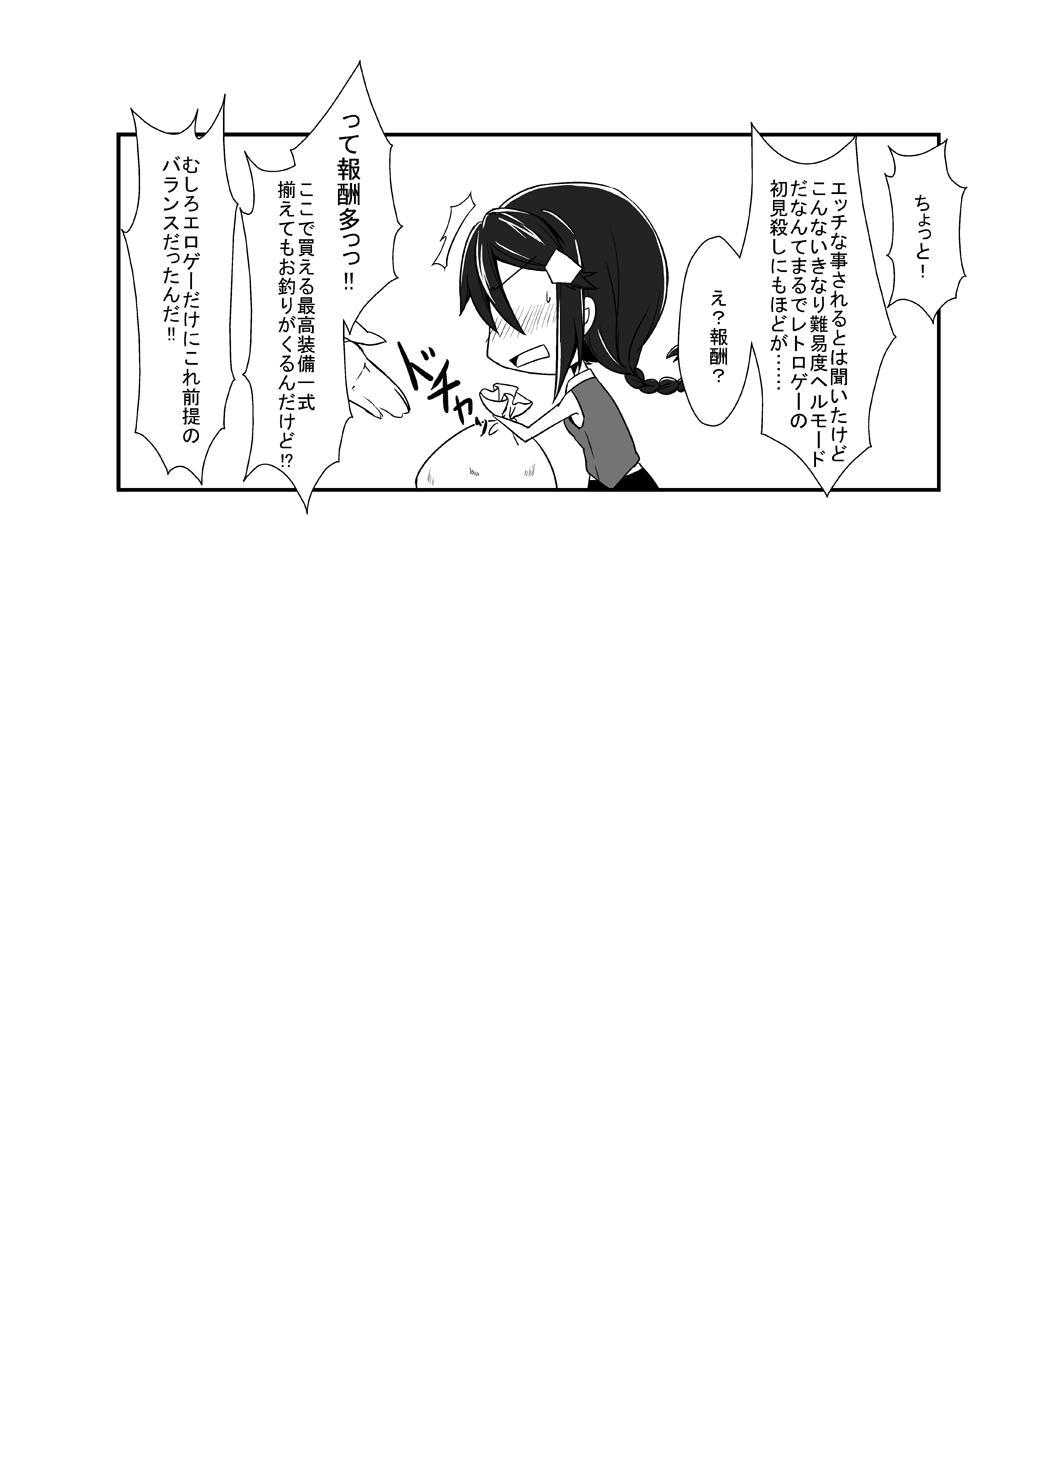 サナハメクエスト体験版+勇者サナのエロトラップレッスン! 9